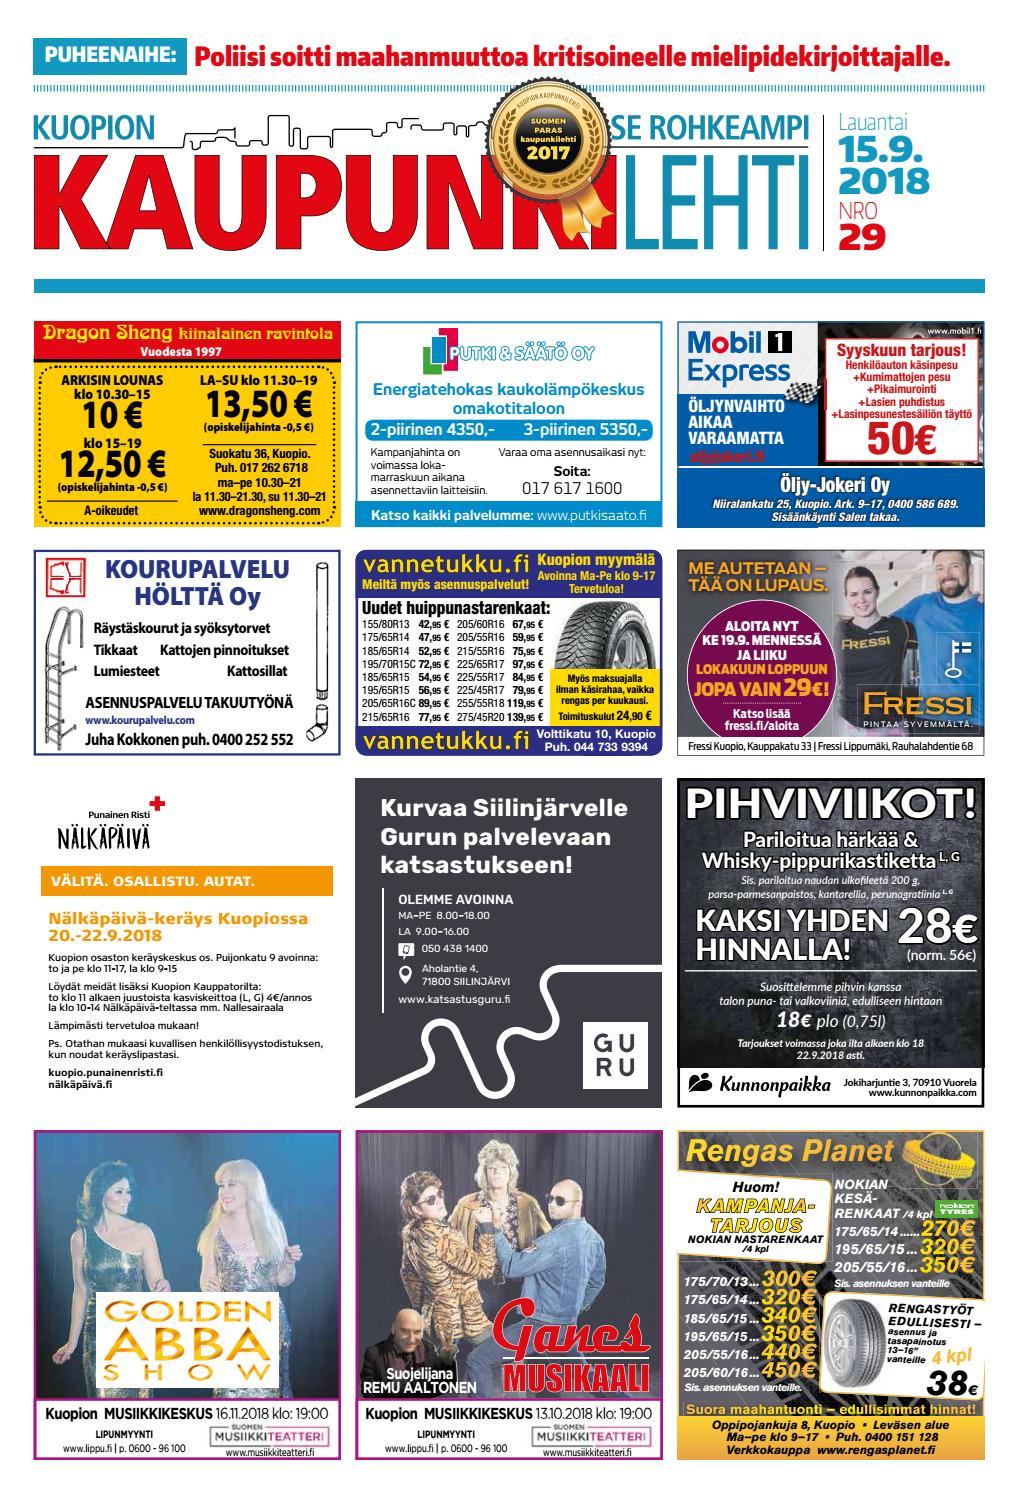 Kuopion Kaupunkilehti 15.9.2018 by Kuopion Kaupunkilehti - issuu efb726a5af